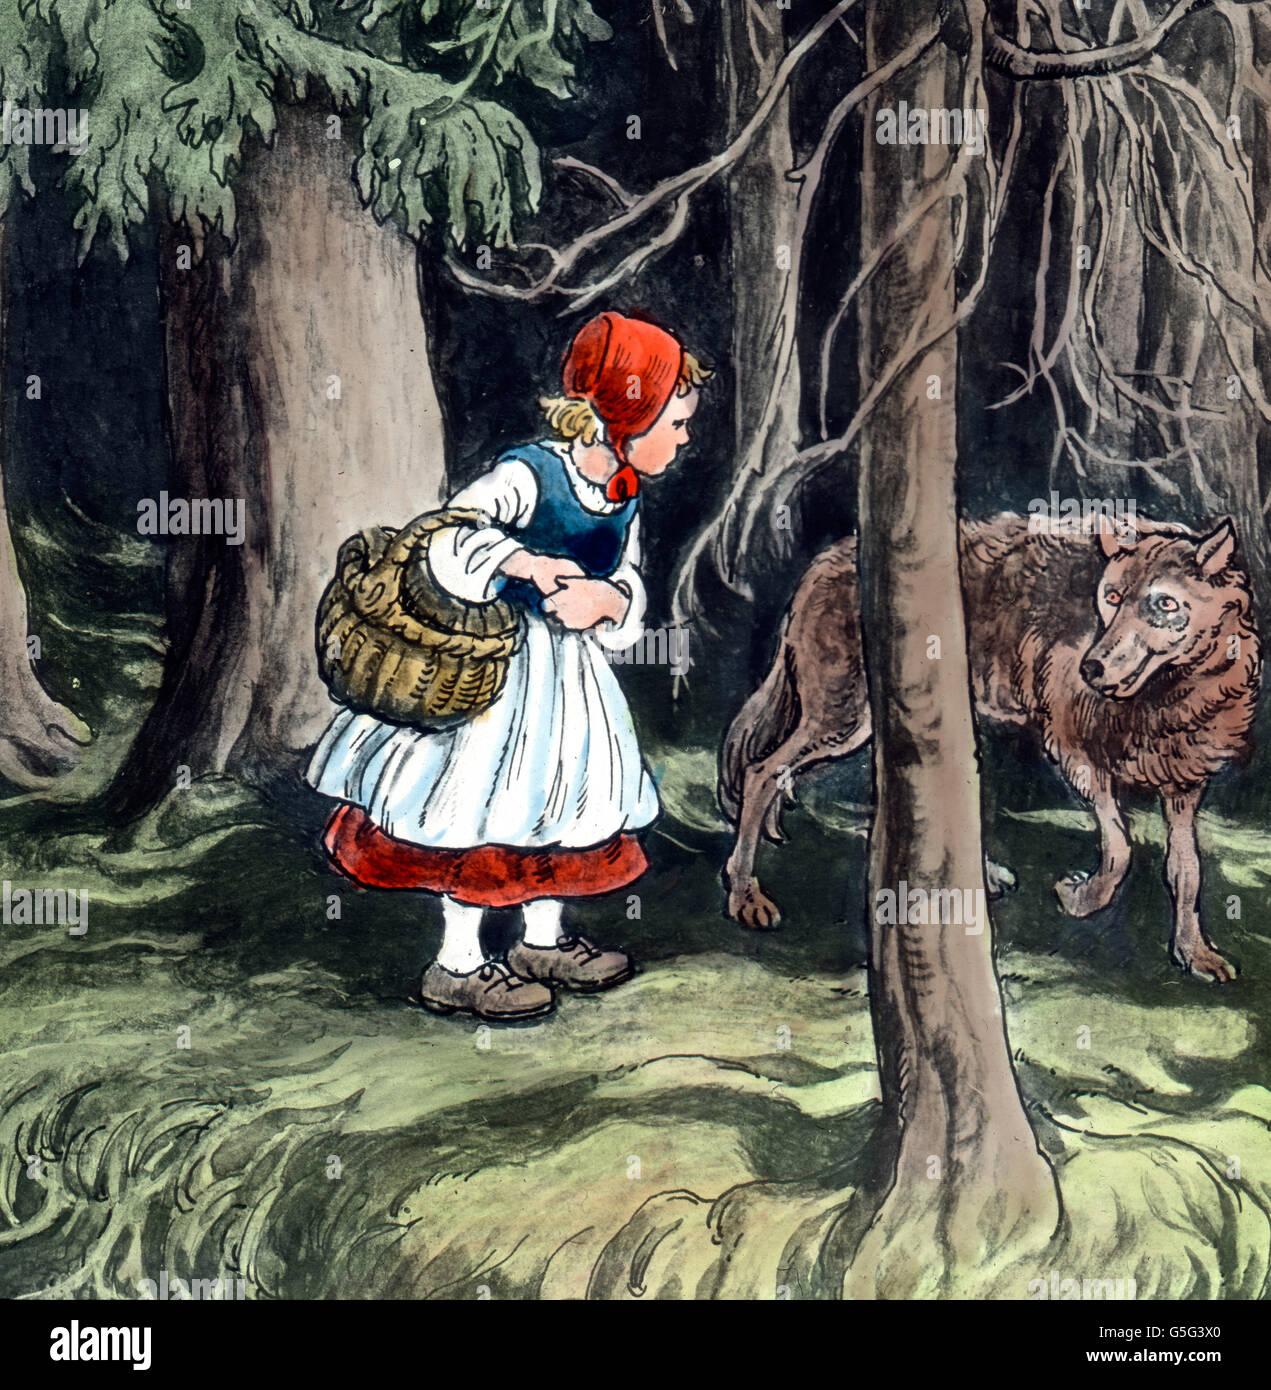 märchenpension rotkäppchen und der wolf